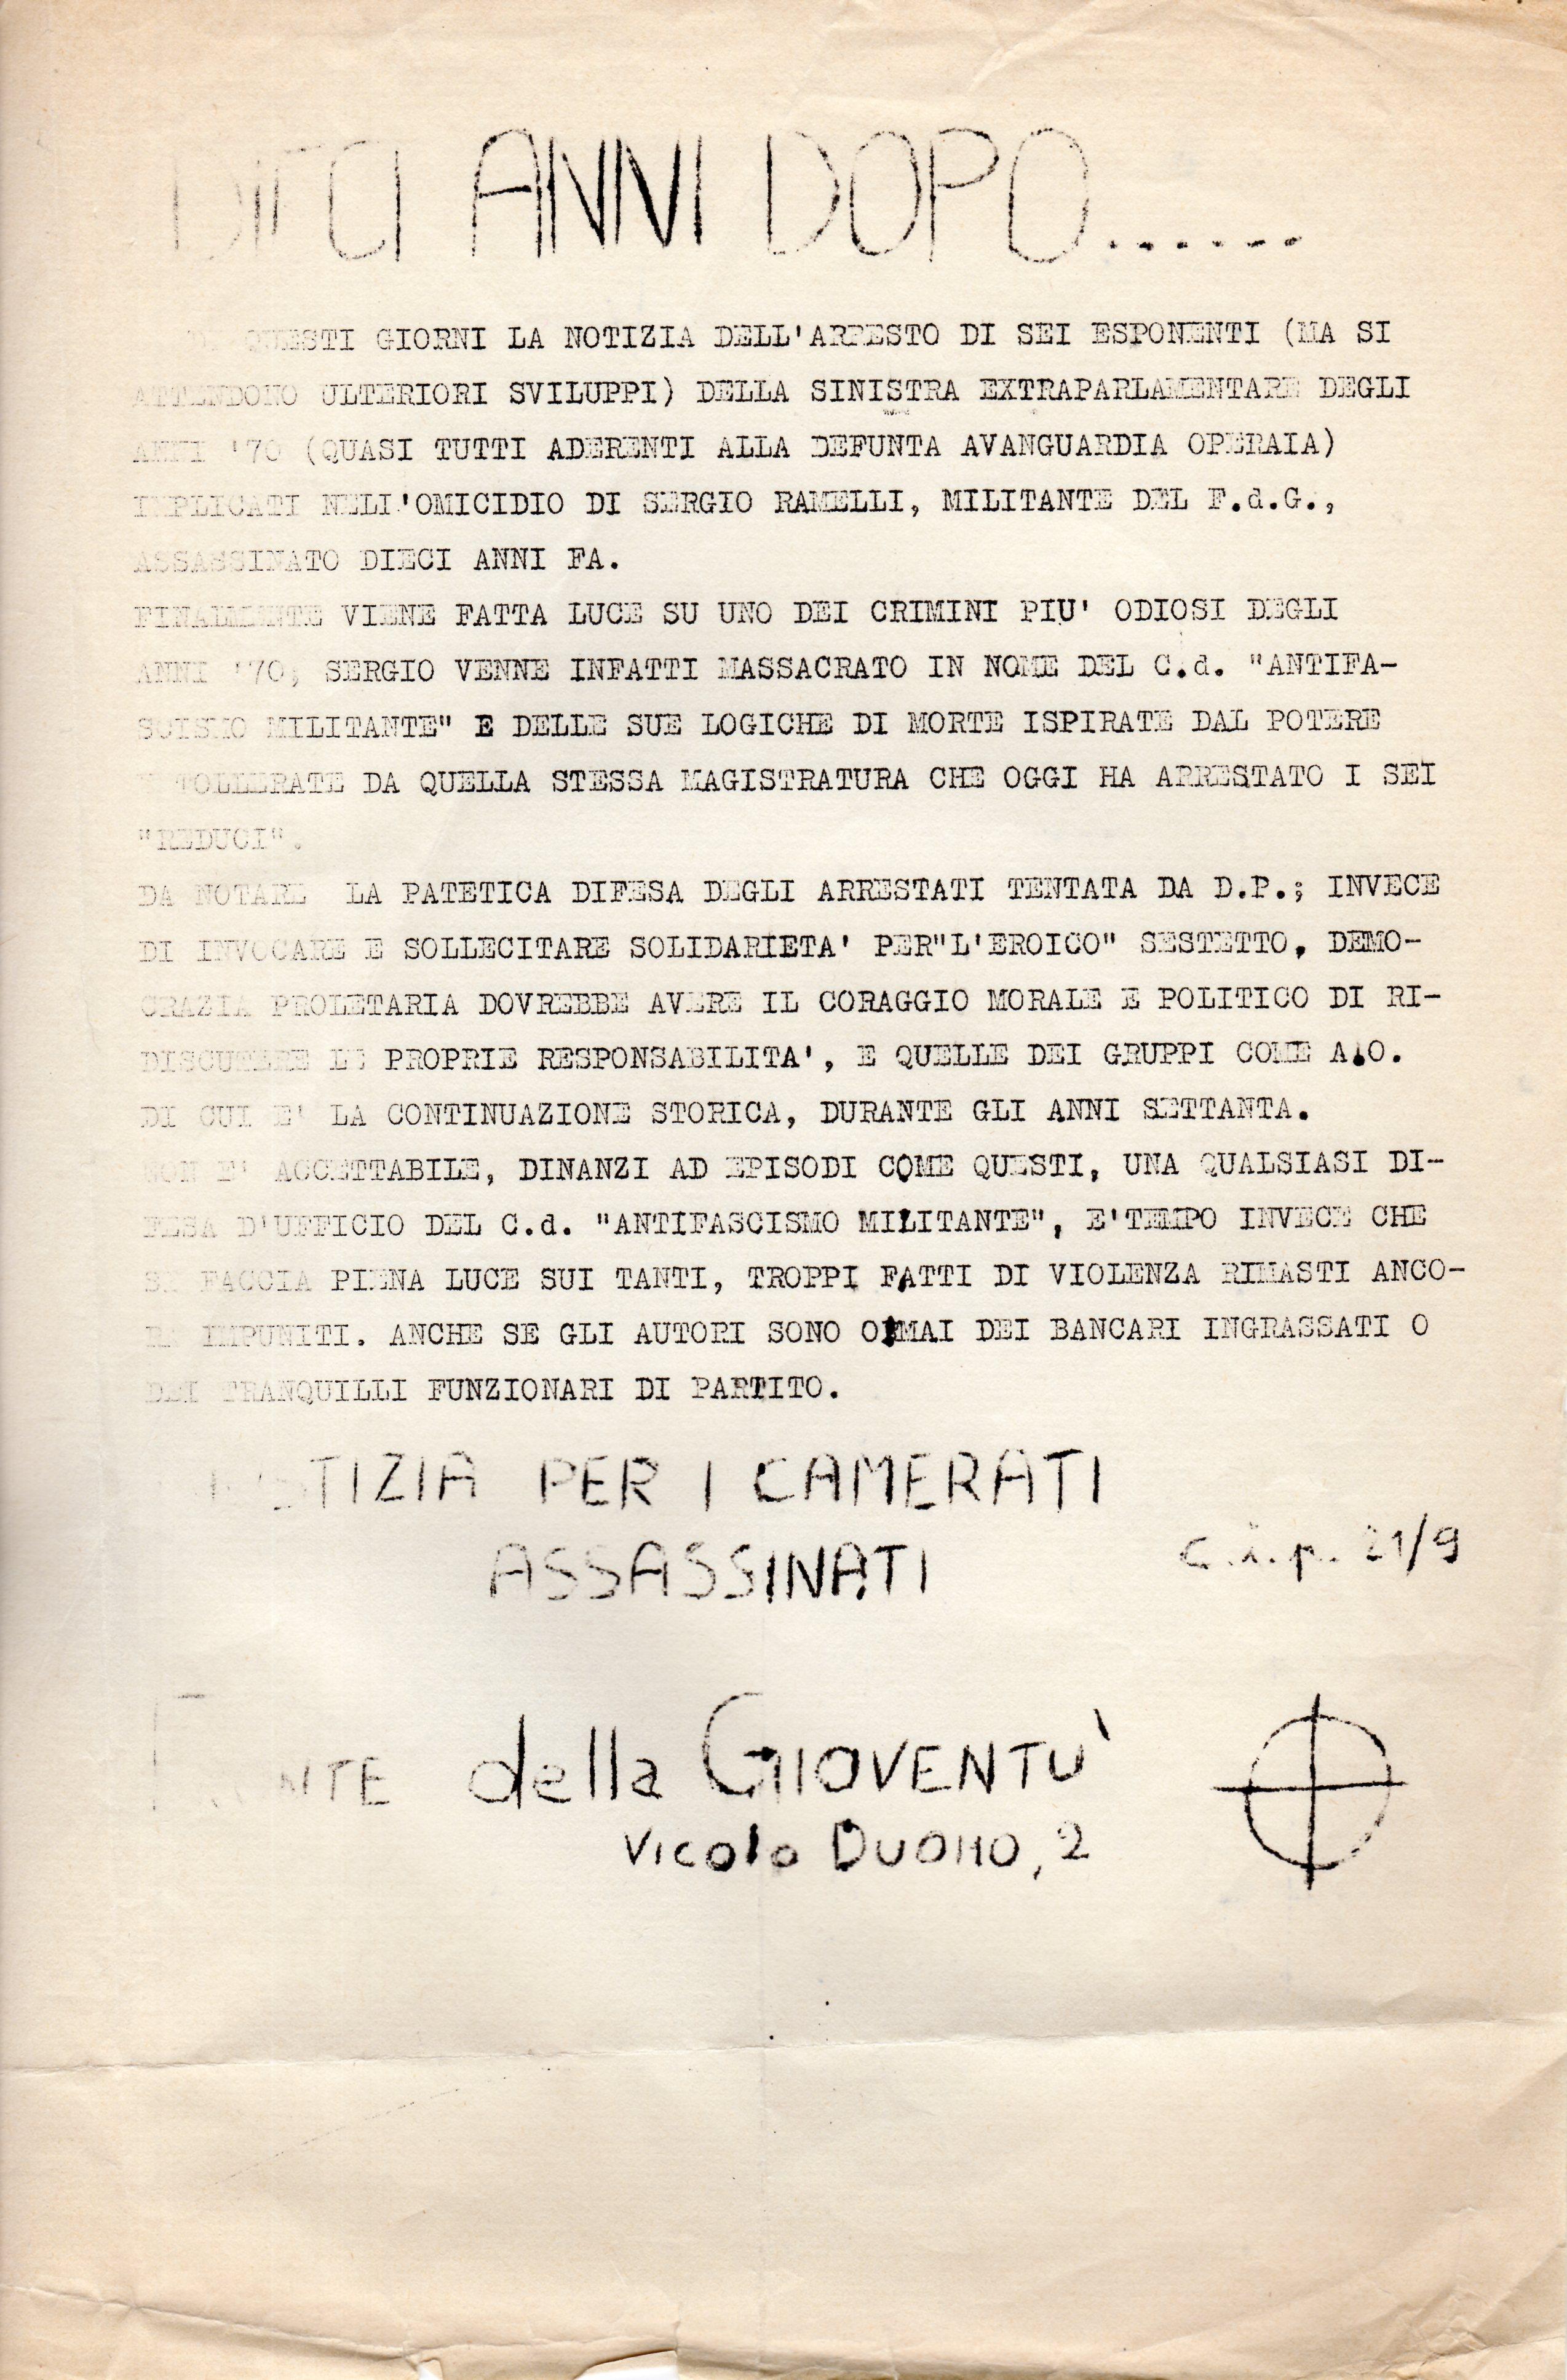 1985-09-21_Monza_Sc-Vol